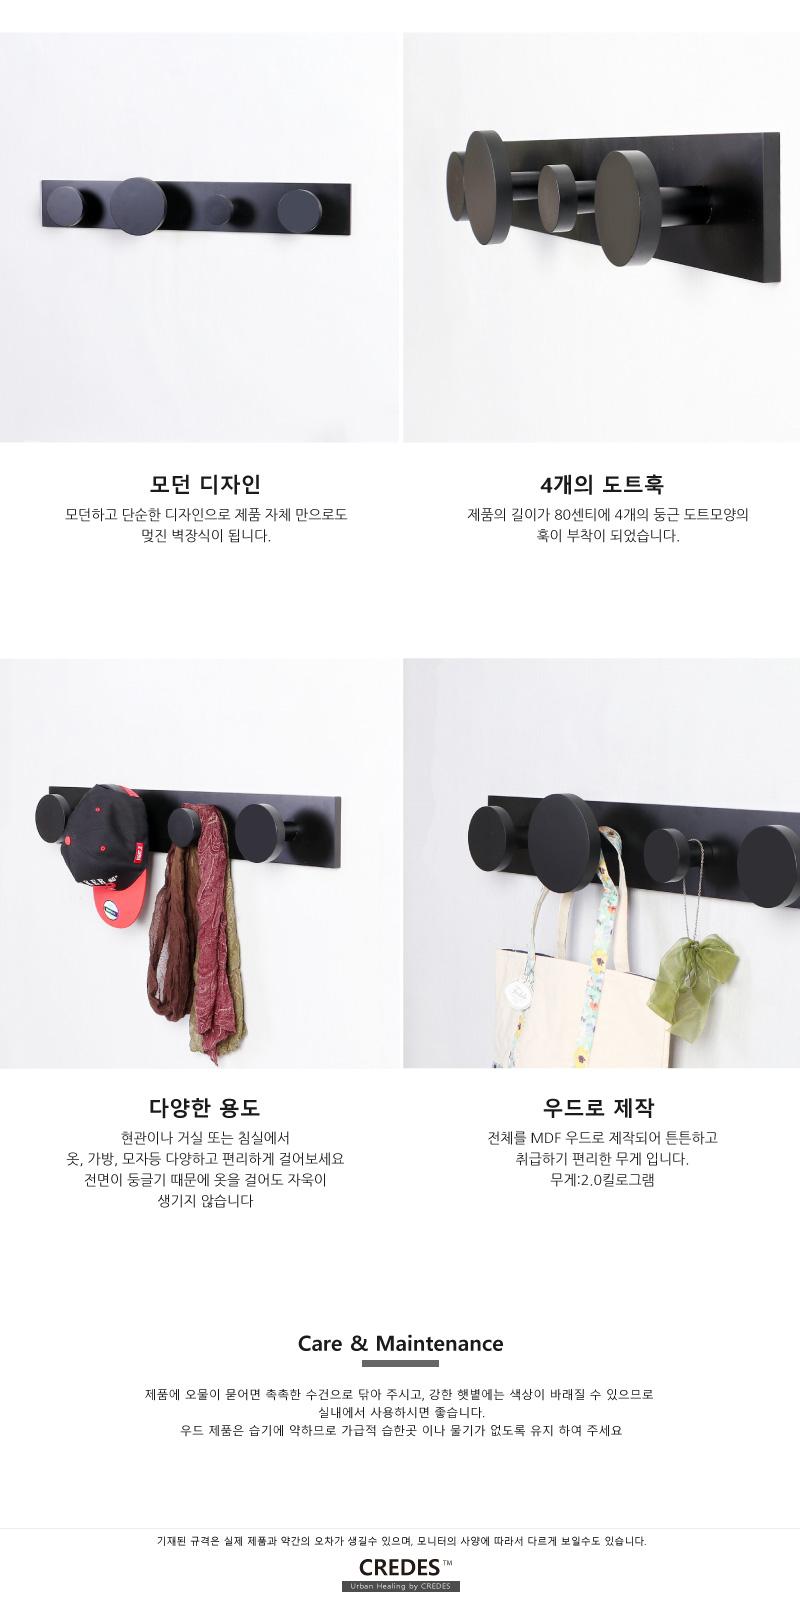 우드 플랜 도트 벽장식 4P 코트훅 800-블랙 - 크레디스, 35,000원, 행거/드레스룸/옷걸이, 벽행거